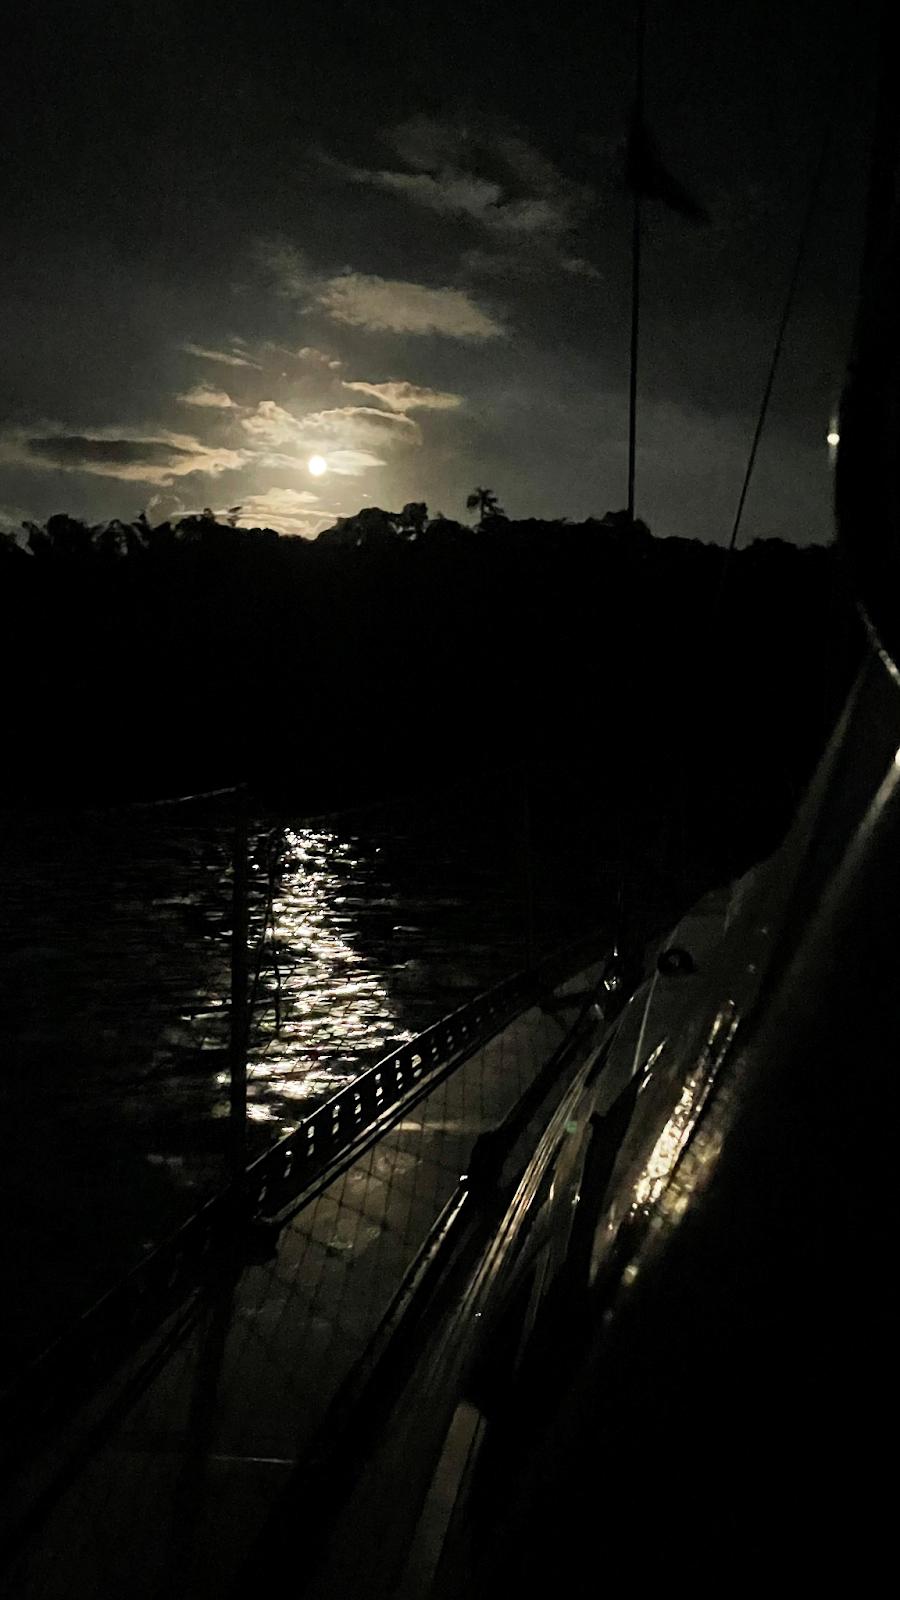 Foto do luar tirada durante uma das noites no veleiro.